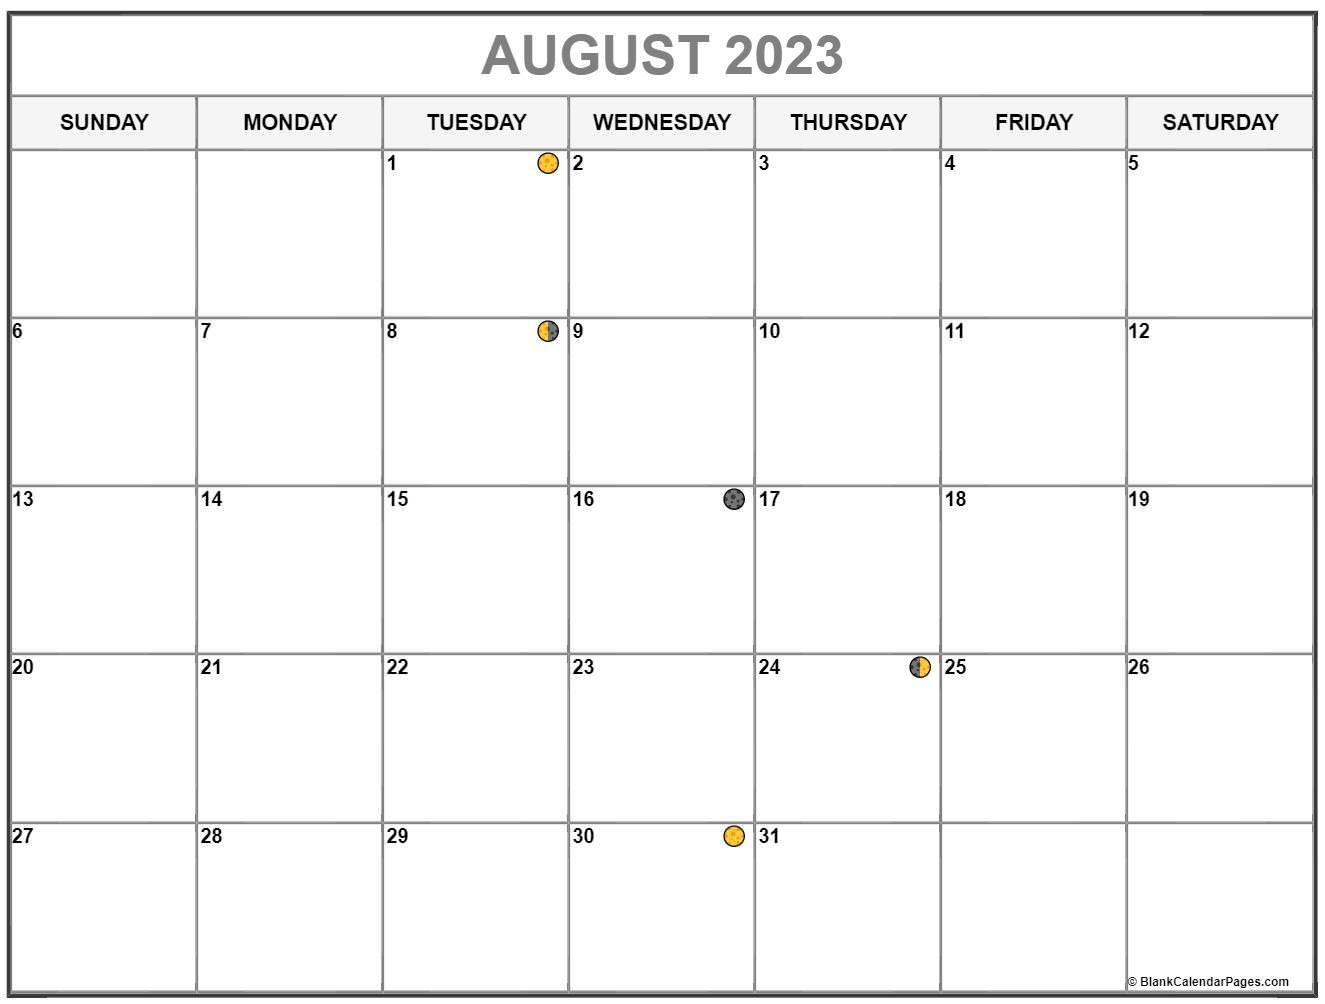 August Lunar Calendar